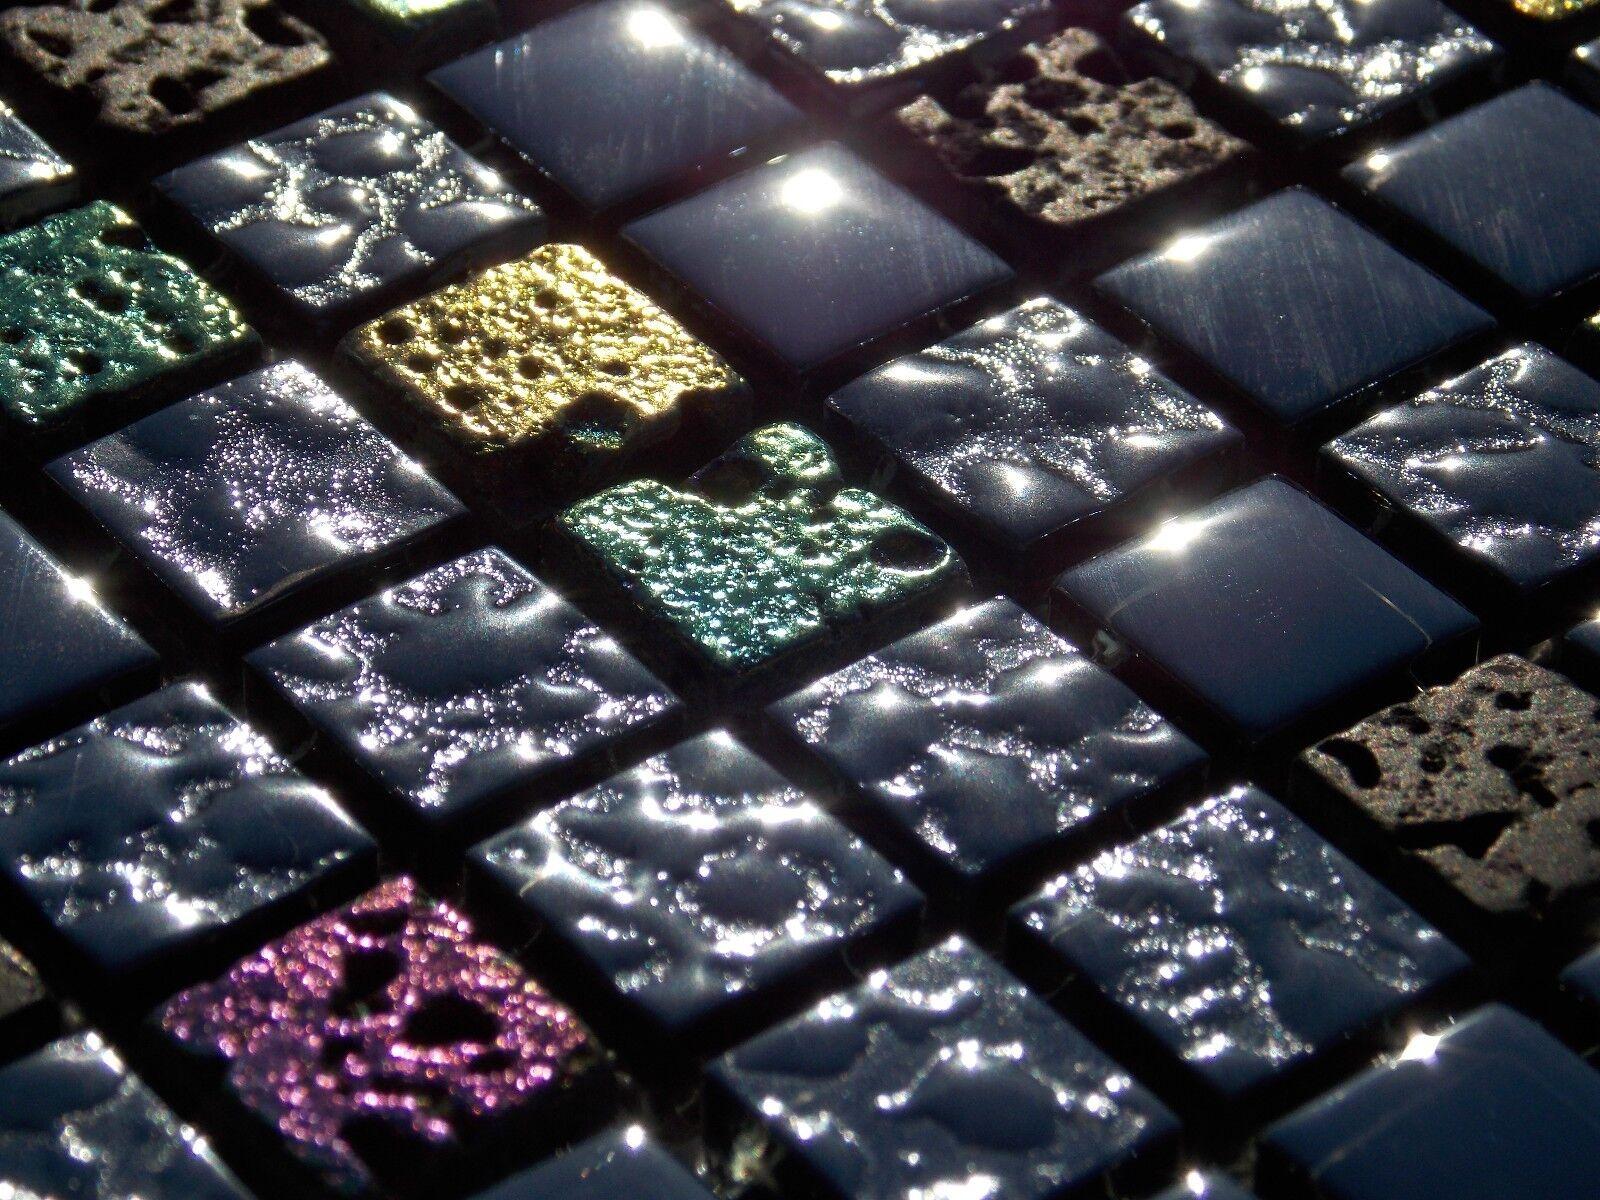 Glasmosaik naturstein marmor fliesen schwarz gr n pink gold perlmutt mosaik 8mm eur 13 95 - Mosaik fliesen grun ...